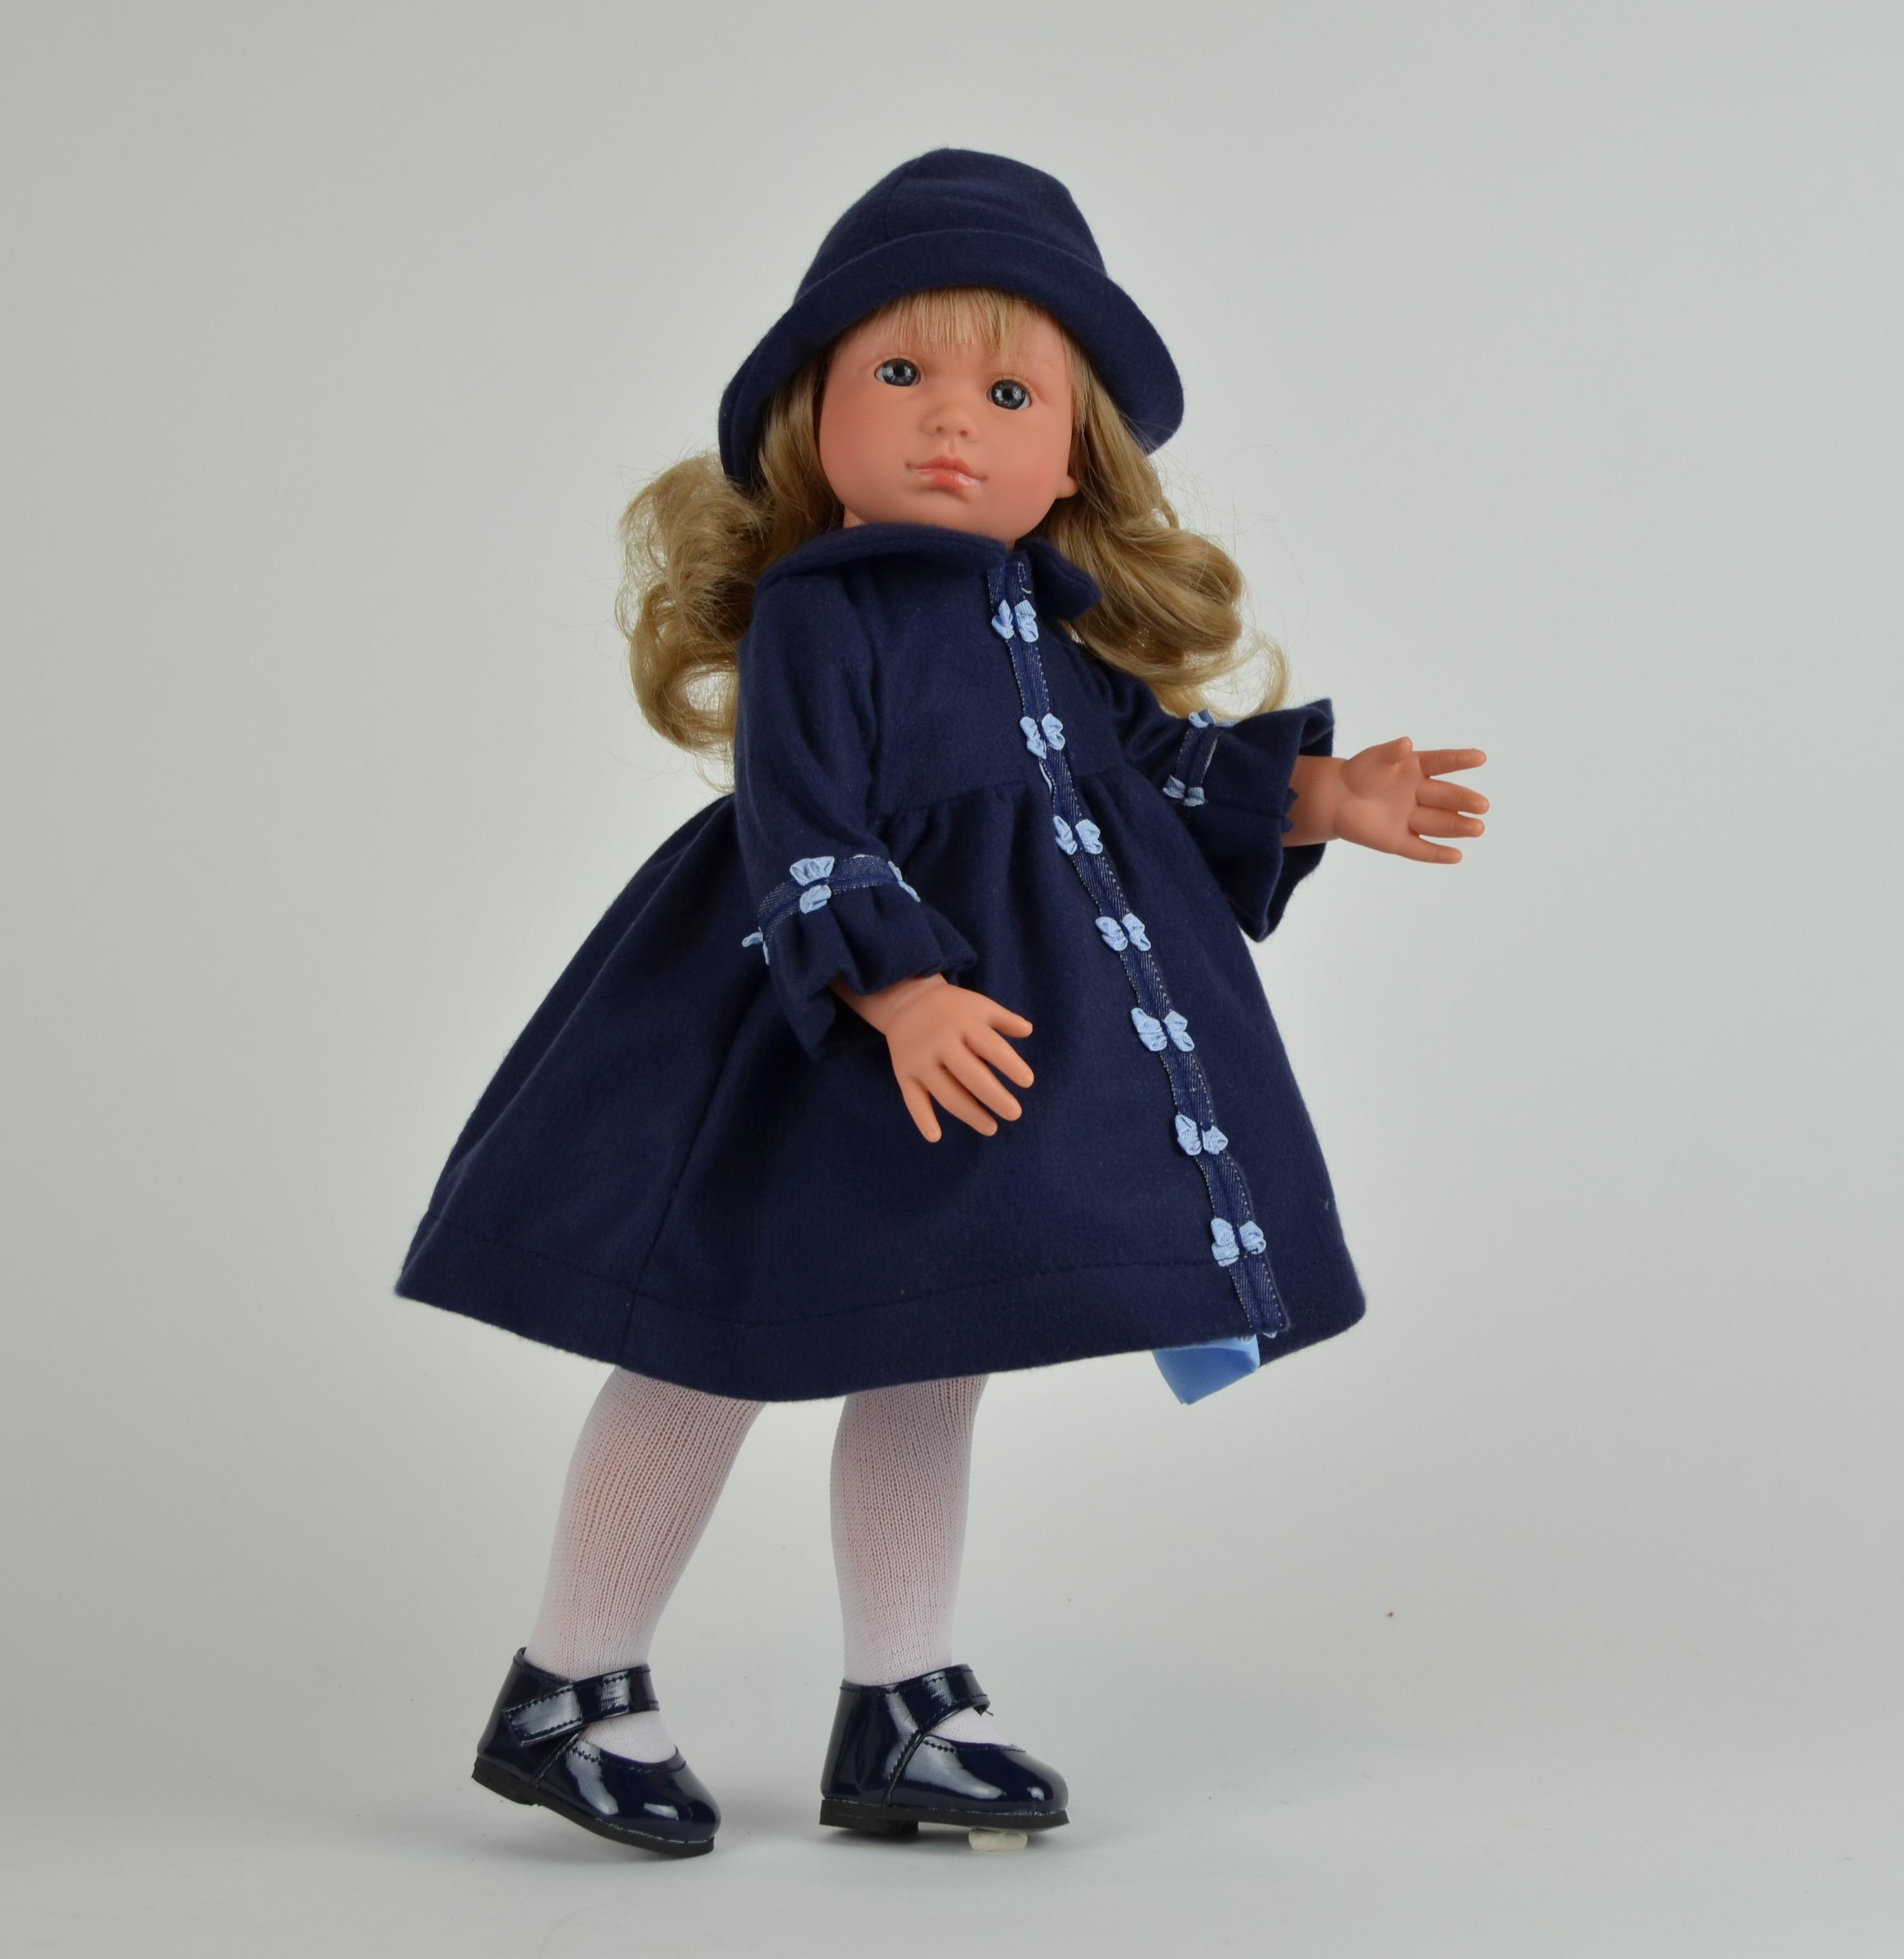 Кукла Нелли в синей панамке, 43 смКуклы ASI (Испания)<br>Кукла Нелли в синей панамке, 43 см<br>